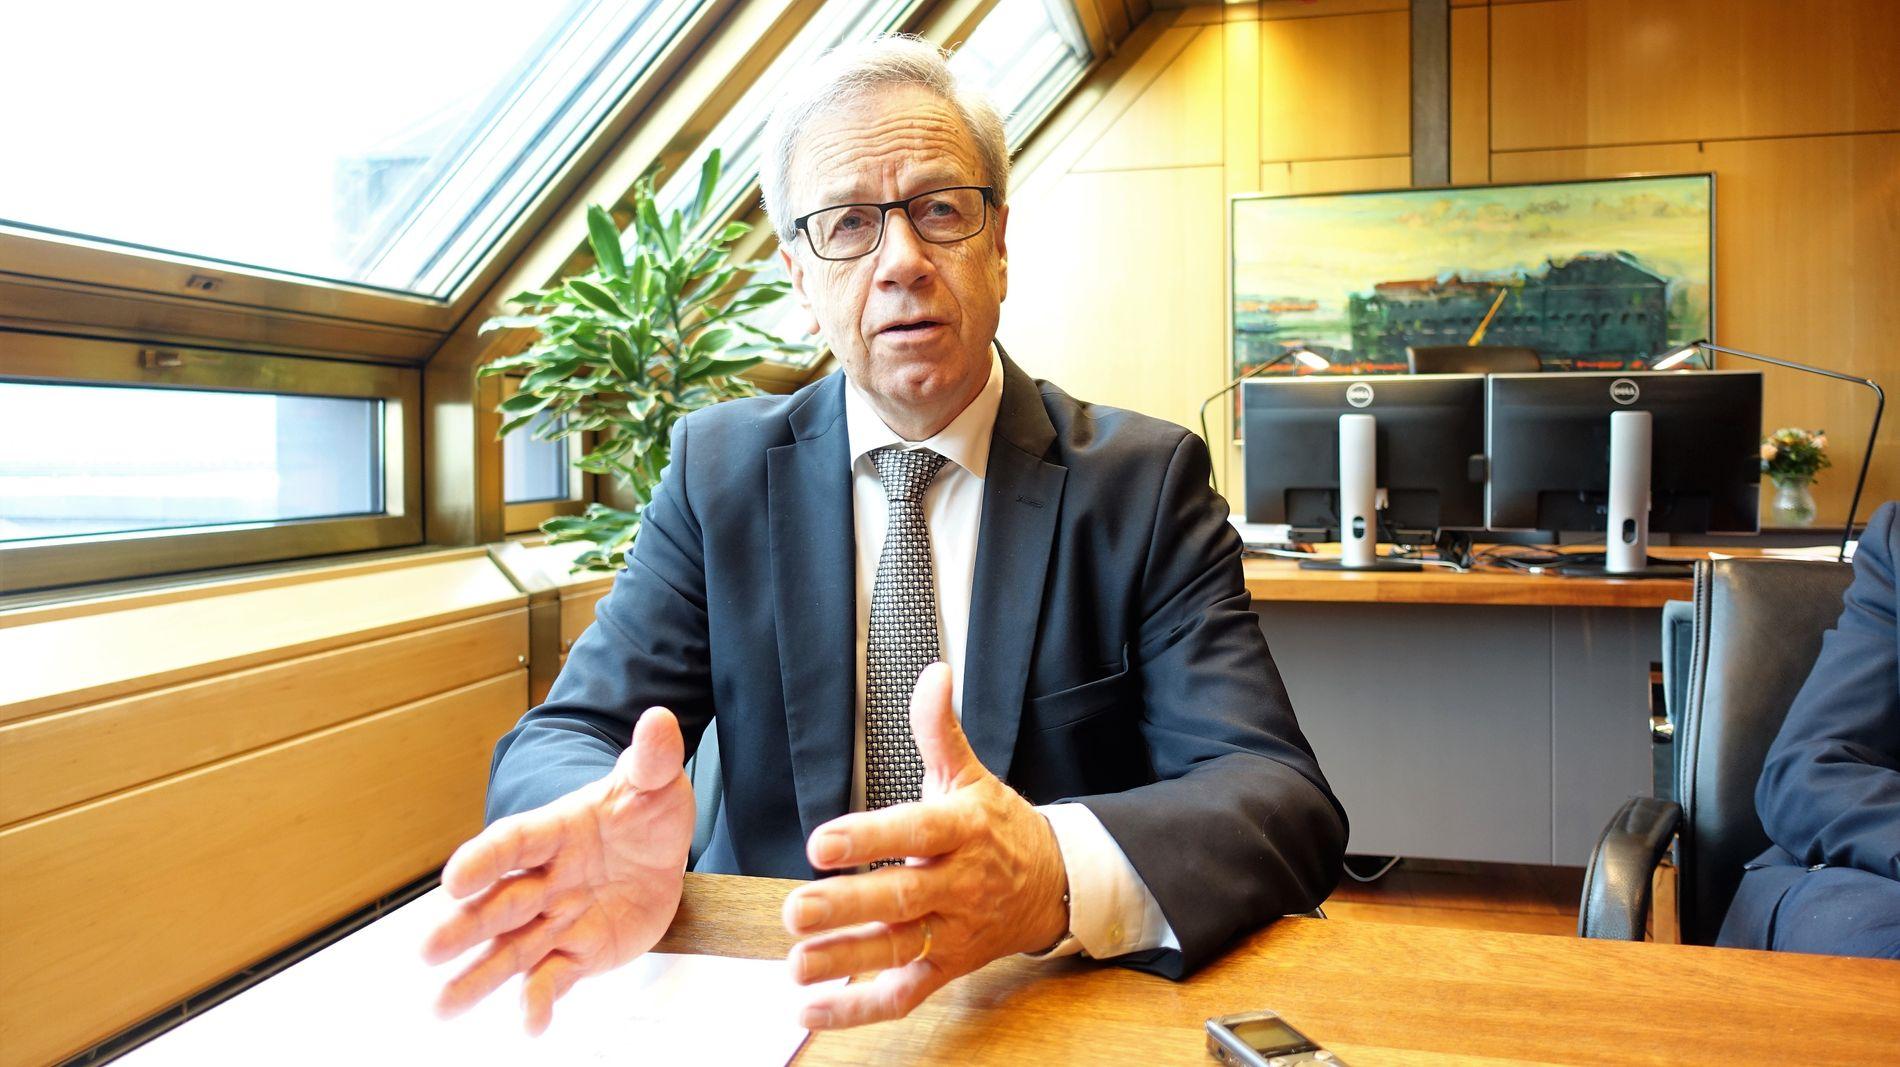 NIENDE TALE: Øystein Olsen holder torsdag sentralbanksjefens årstale for niende gang. Han sier blant annet at det vil være dristig å sette EØS-avtalen i spill i en periode hvor andre handelsavtaler er under press, og at brexit er et stort tilbakeslag.